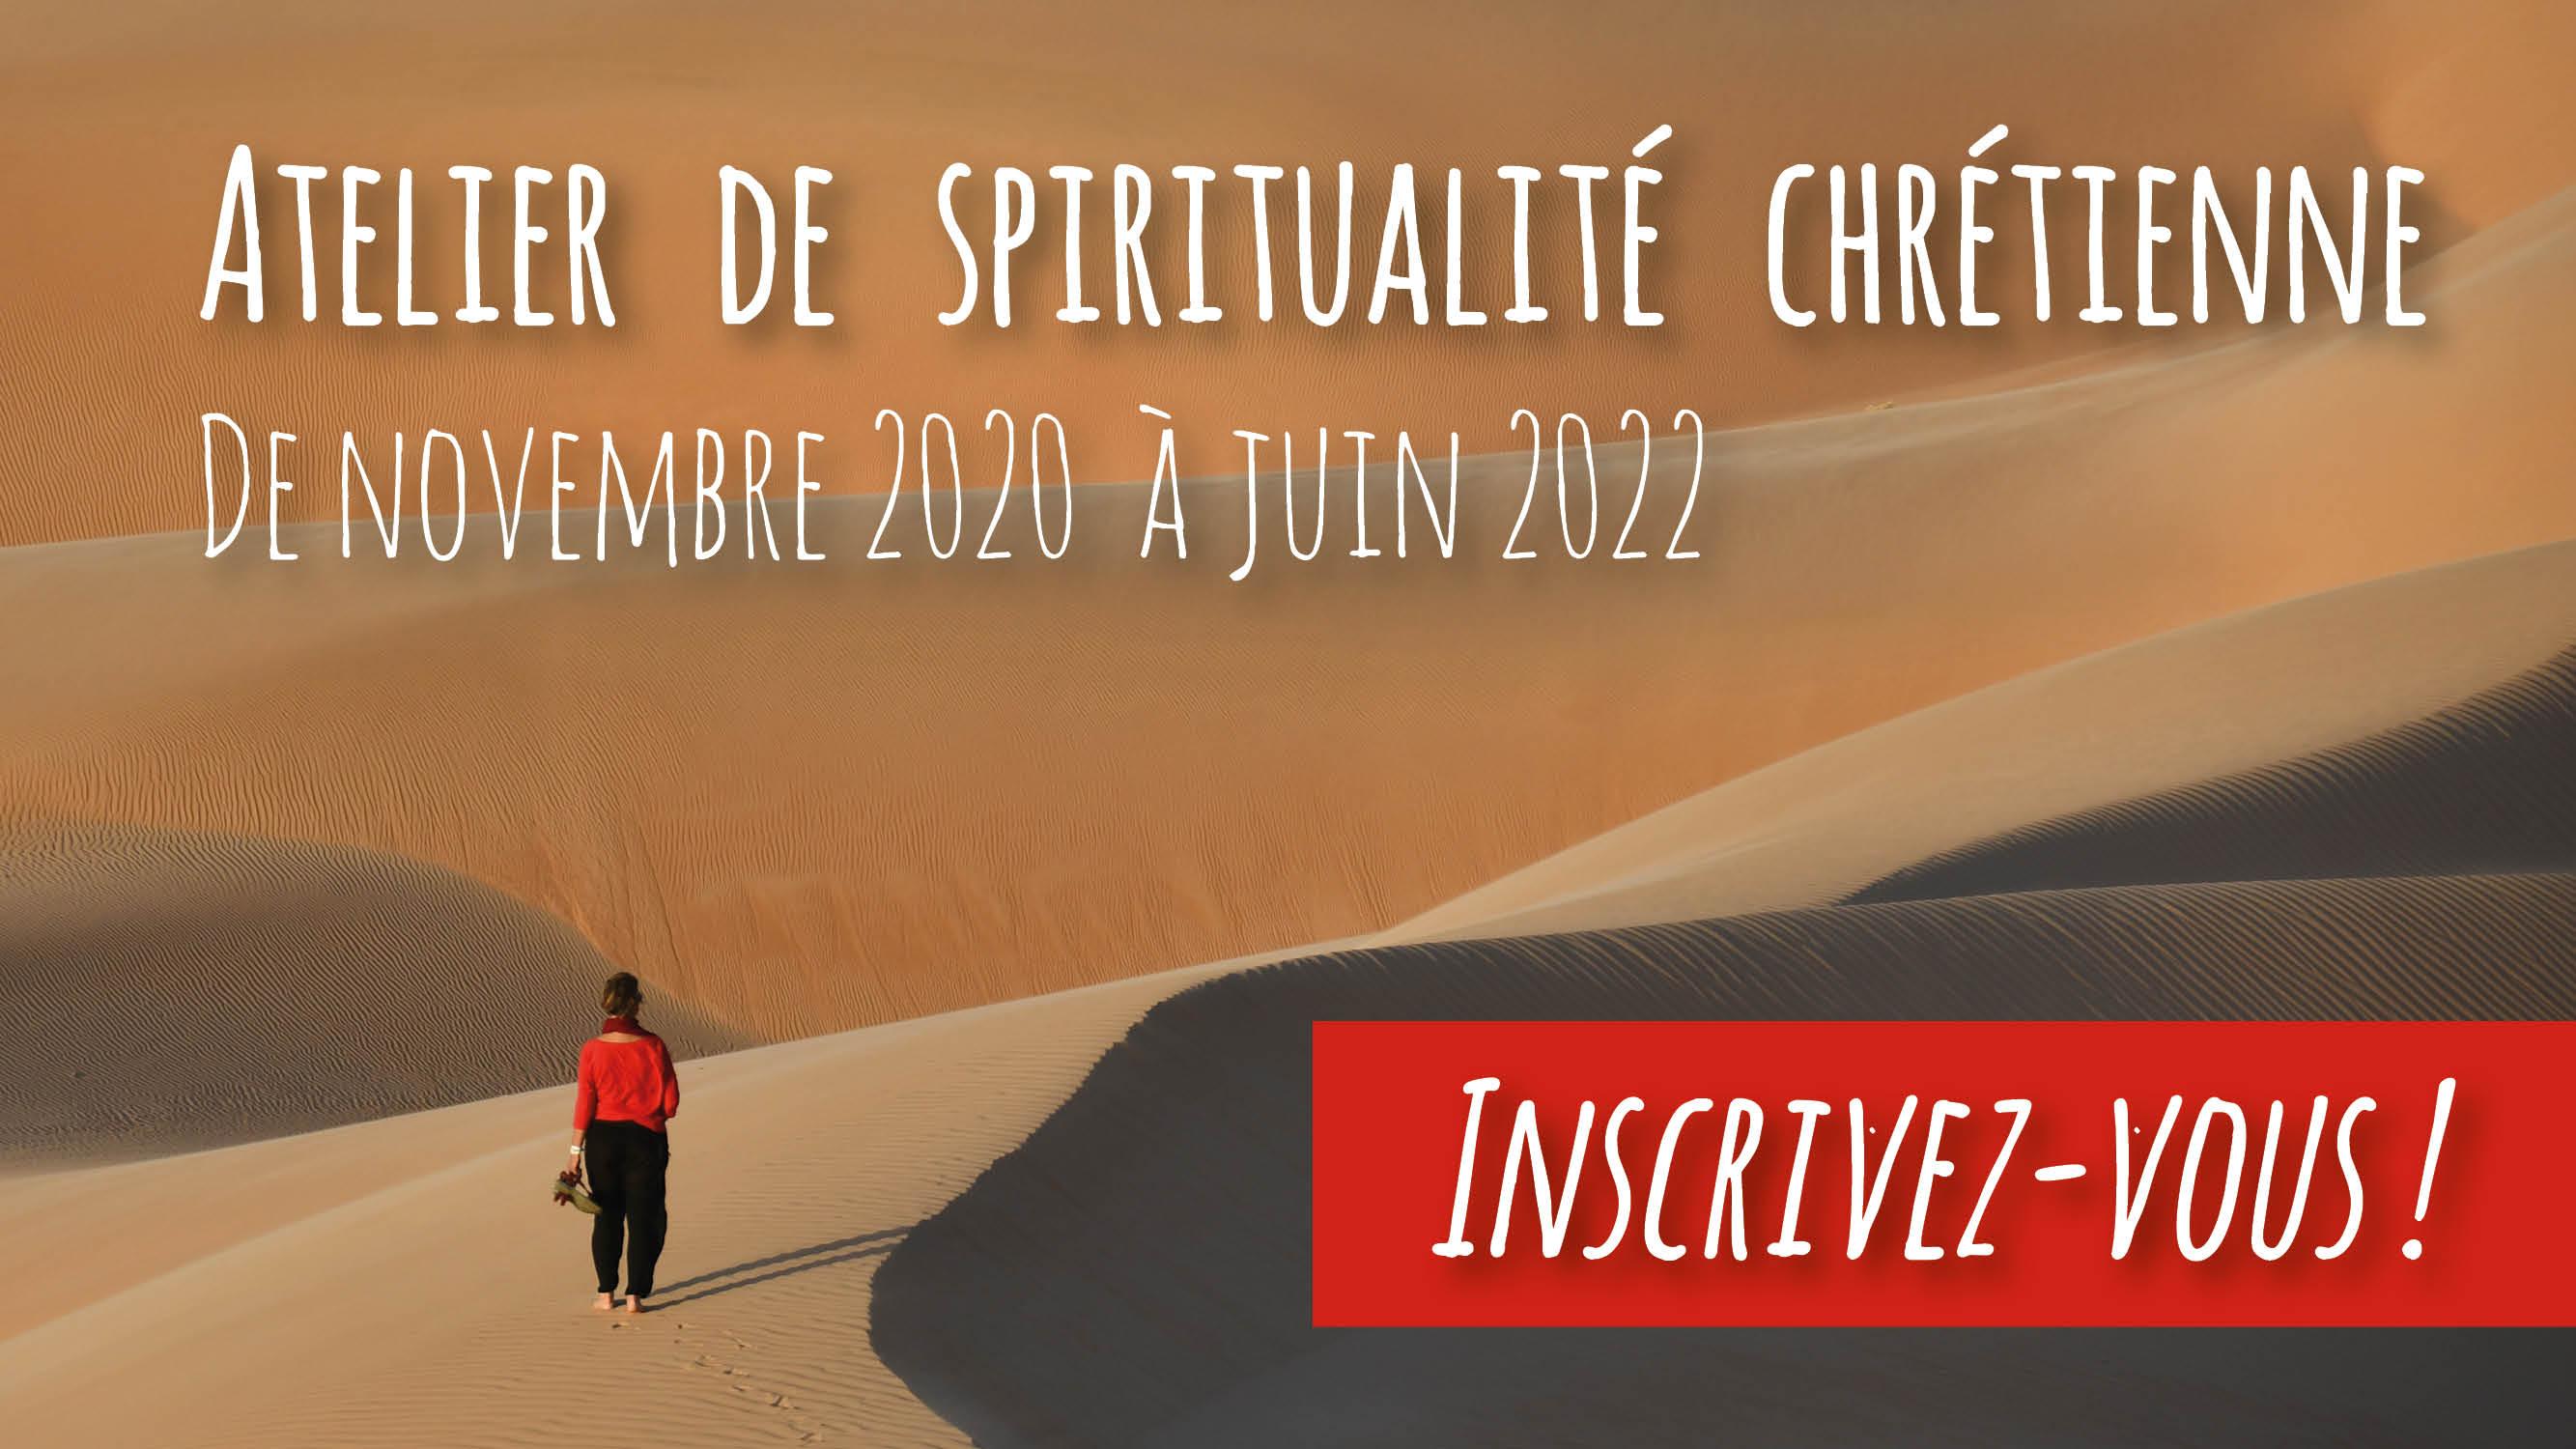 Atelier de spiritualité chrétienne